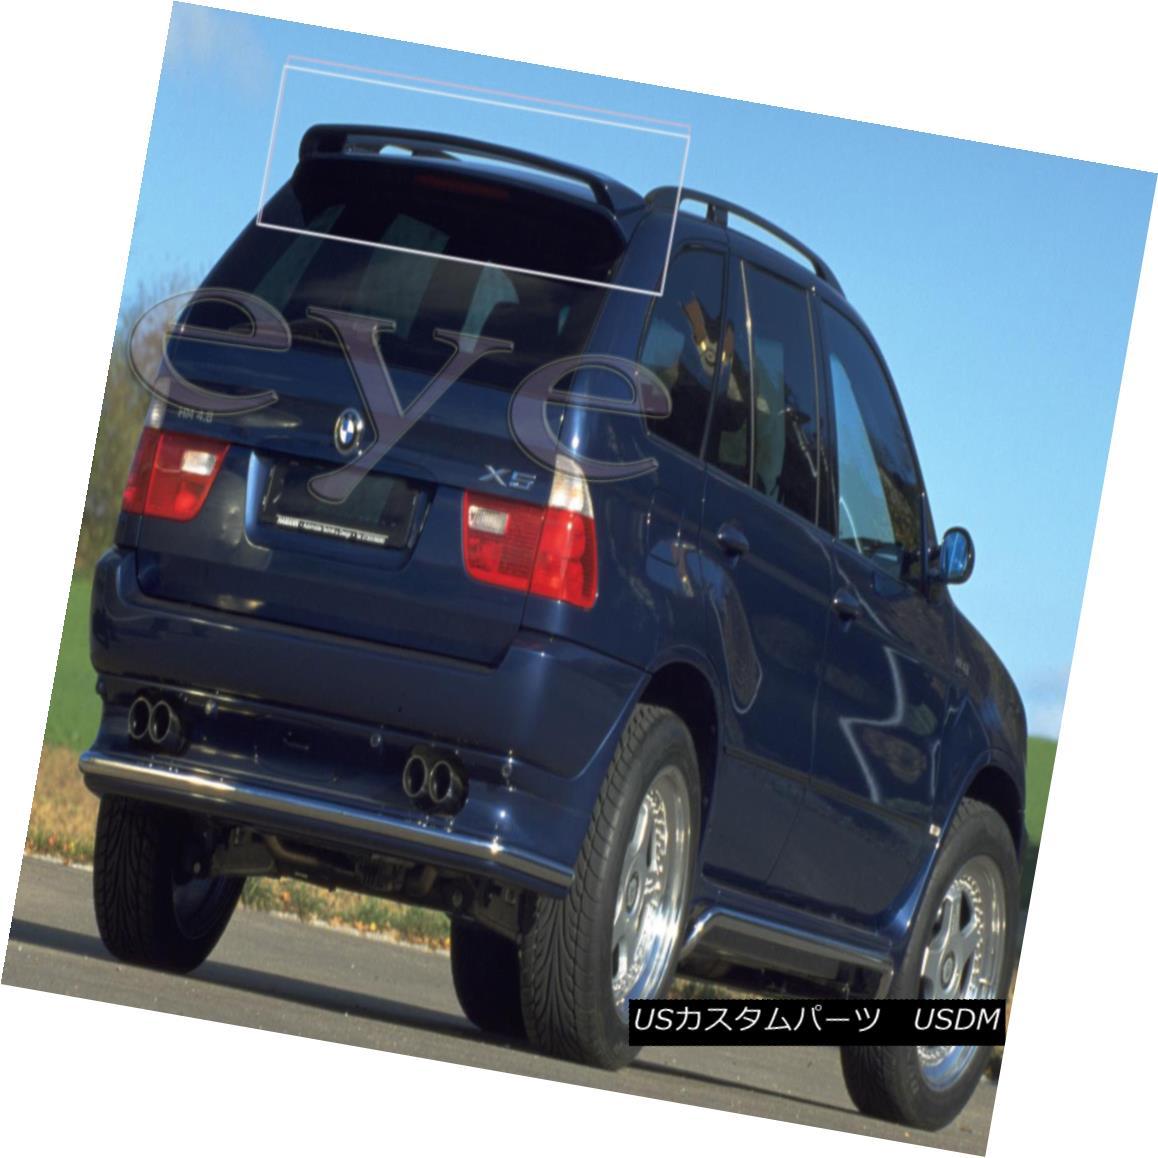 エアロパーツ BMW X5 E53 REAR ROOF SPOILER BOOT / TRUNK / TAILGATE BMW X5 E53リアルーフスポイラーブーツ/トランク/テールゲート